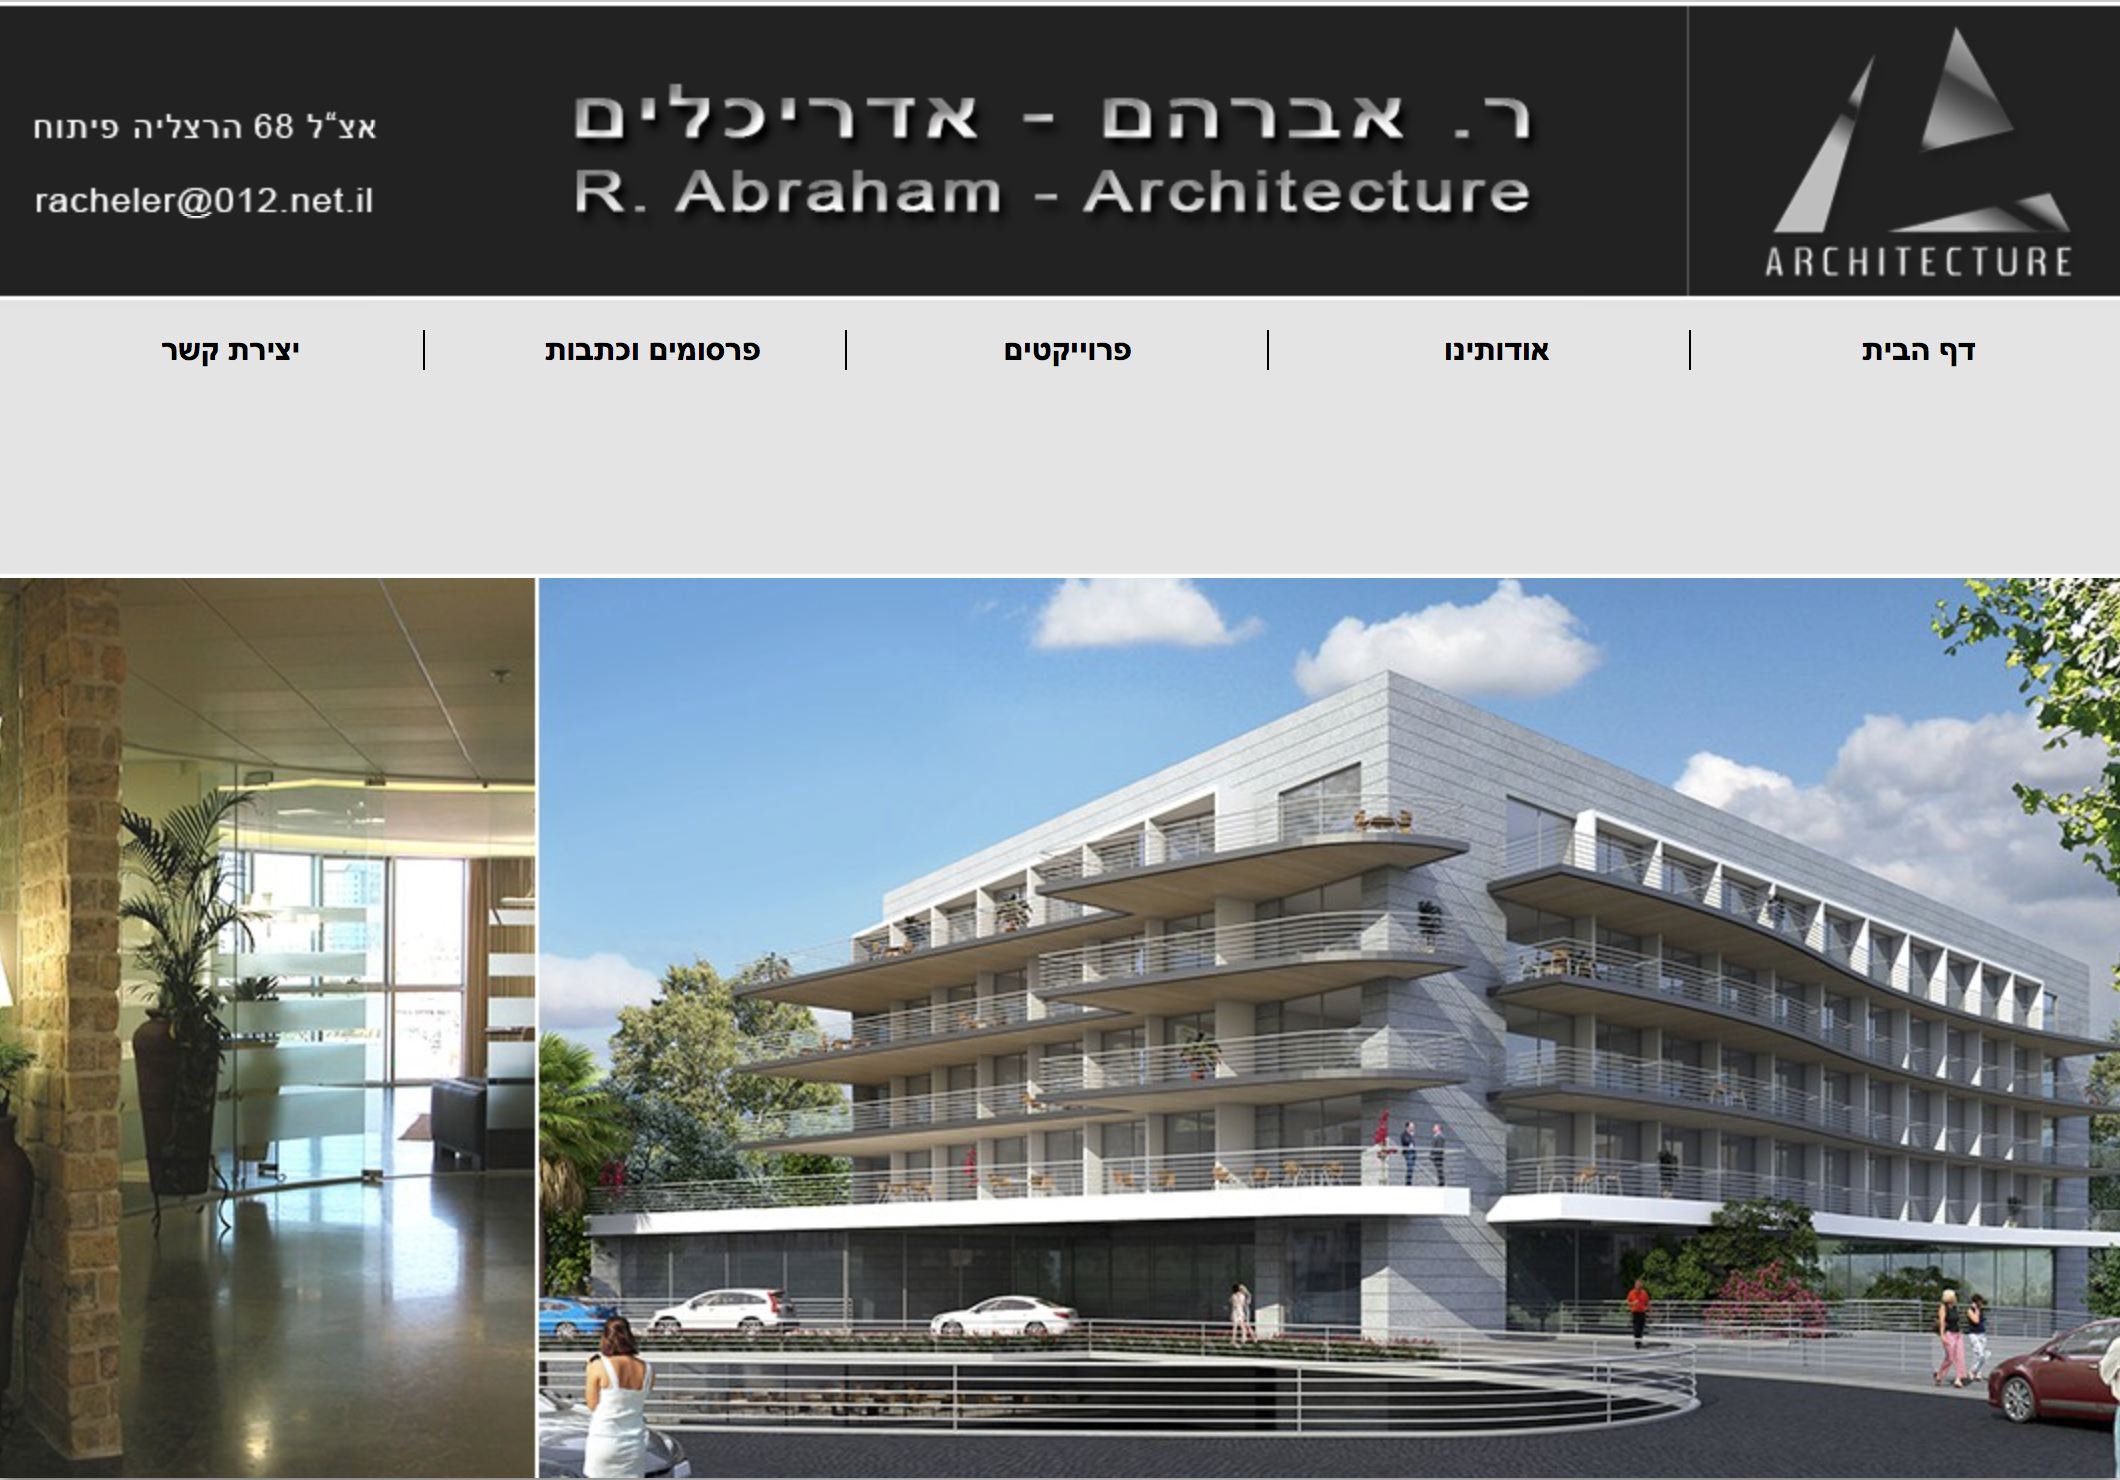 רחל אברהם - אדריכלות